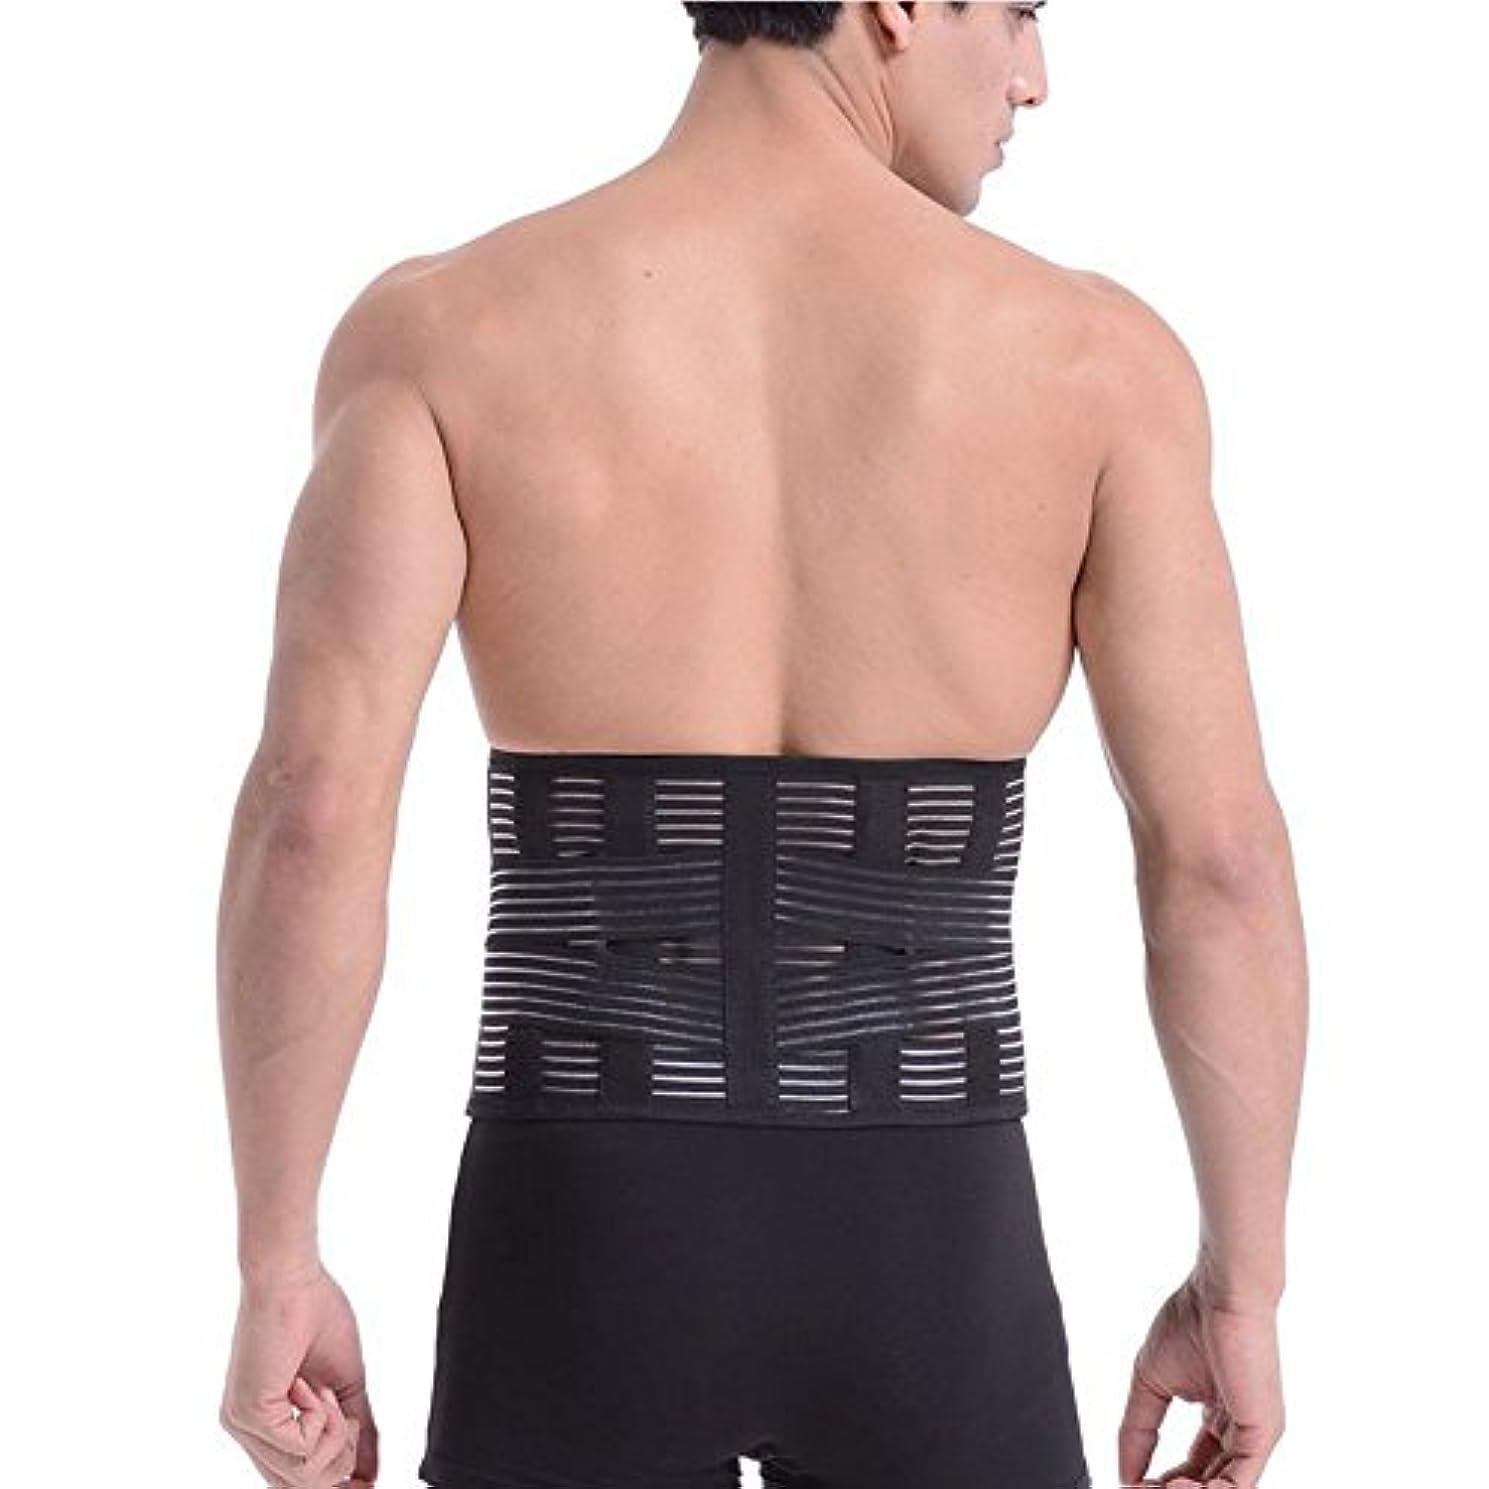 別れる復讐汚物Alioay 腰痛 サポートベルト コルセット 腰保護コルセット 薄型 腰の痛み 骨盤 姿勢 矯正 固定 伸縮性 支持力抜群 男女兼用 (L(86cm-103cm))